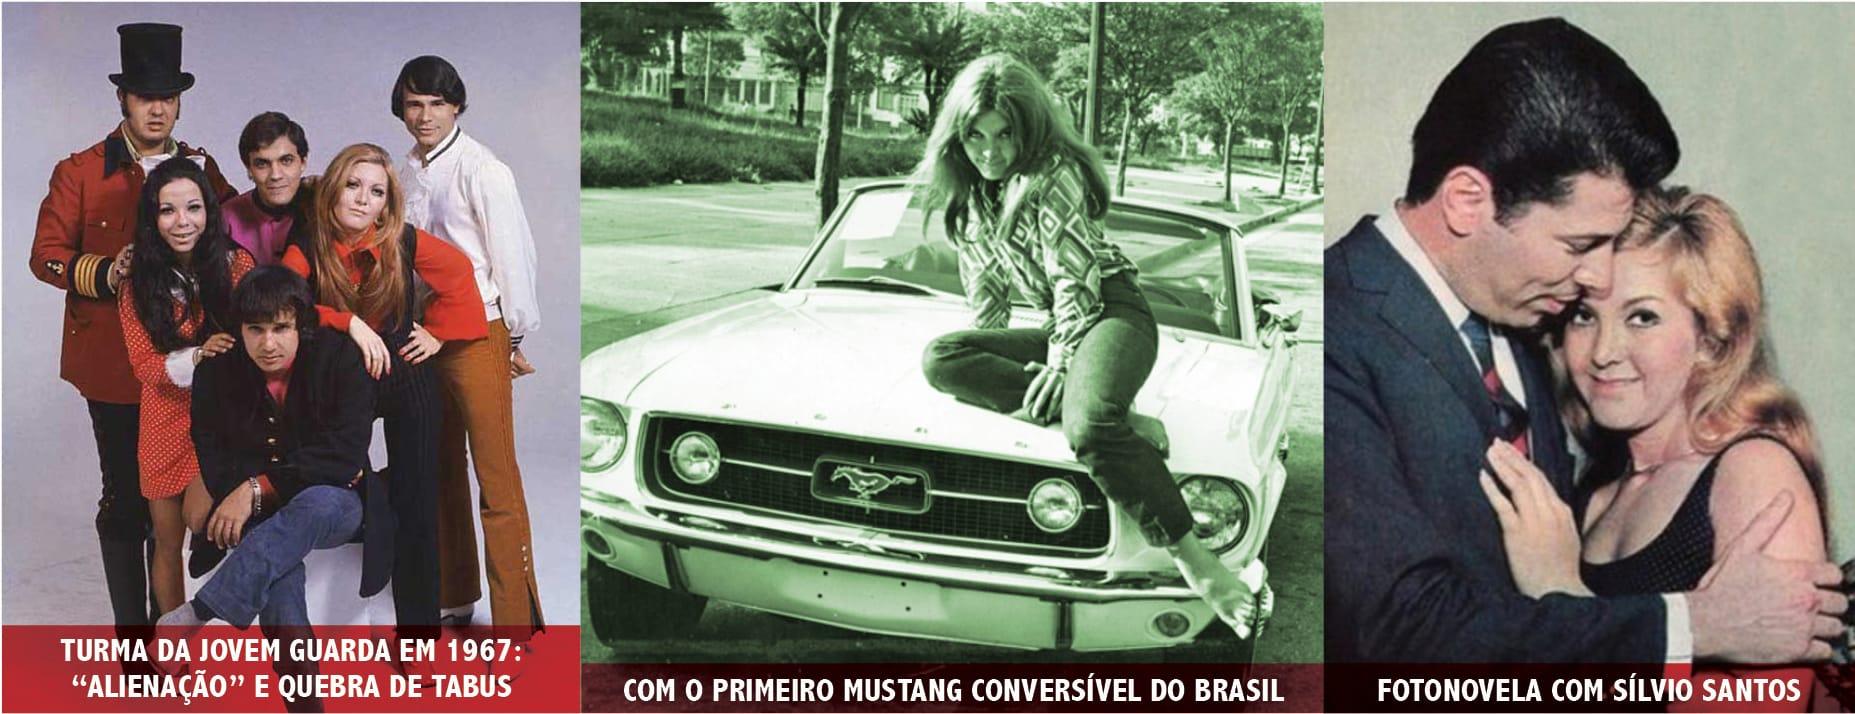 Prefacio_comunicacao_bh_vinil_da_semana